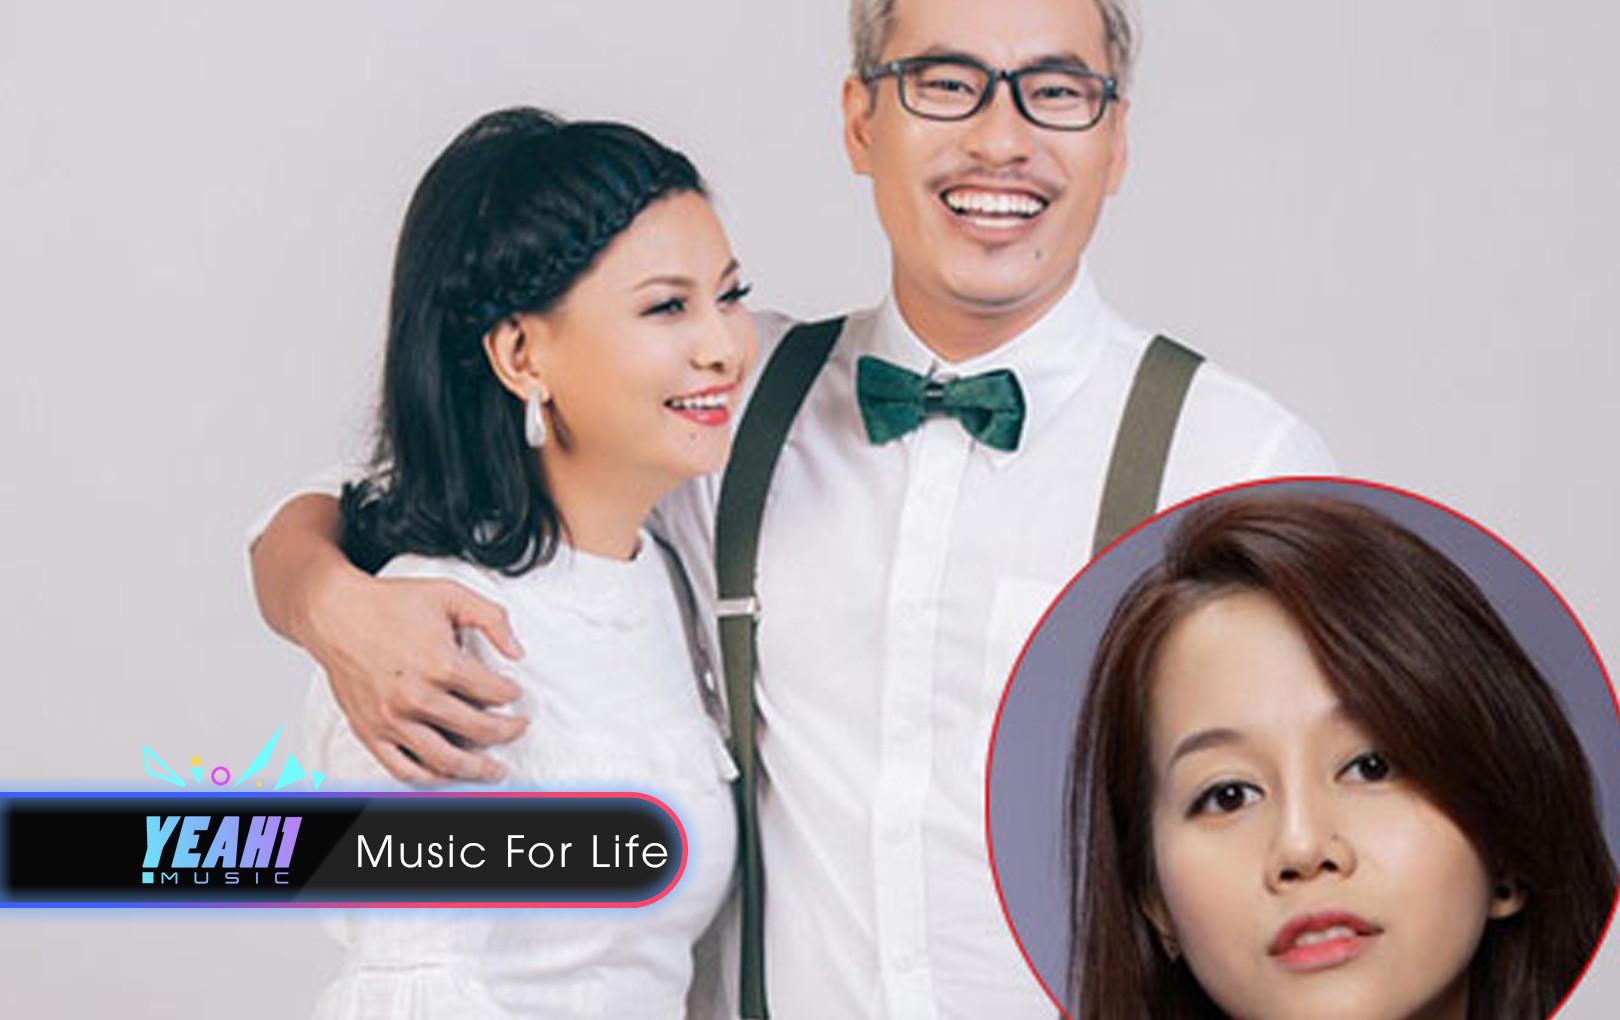 Kiều Minh Tuấn - An Nguy leo lên vị trí 'hotface' showbiz tuần qua khi bị đồn yêu đương sóng gió